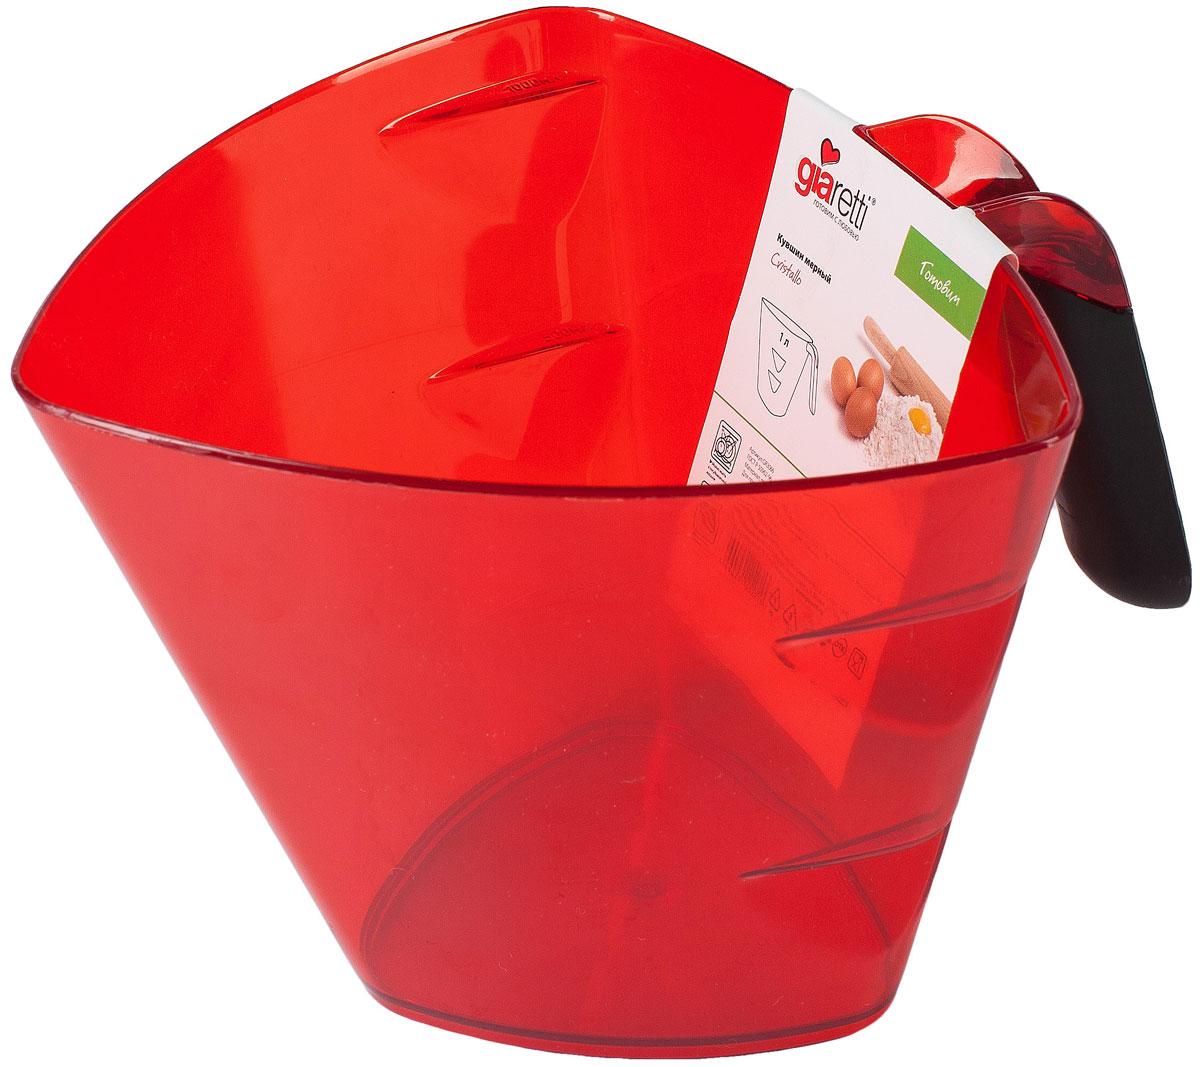 Кувшин мерный Giaretti Cristallo, цвет: красный, 0,5 л54 009312Мерный кувшин Giaretti Cristallo, изготовленный из высококачественного пластика, вдохновляет на кулинарные победы своим ярким цветом и привлекательным дизайном. На внутренние стенки кувшина нанесена мерная шкала. Кувшин оснащен носиком для удобного слива, а также эргономичной ручкой с противоскользящей вставкой. Такой мерный кувшин придется по душе каждой хозяйке и станет незаменимым аксессуаром на кухне.